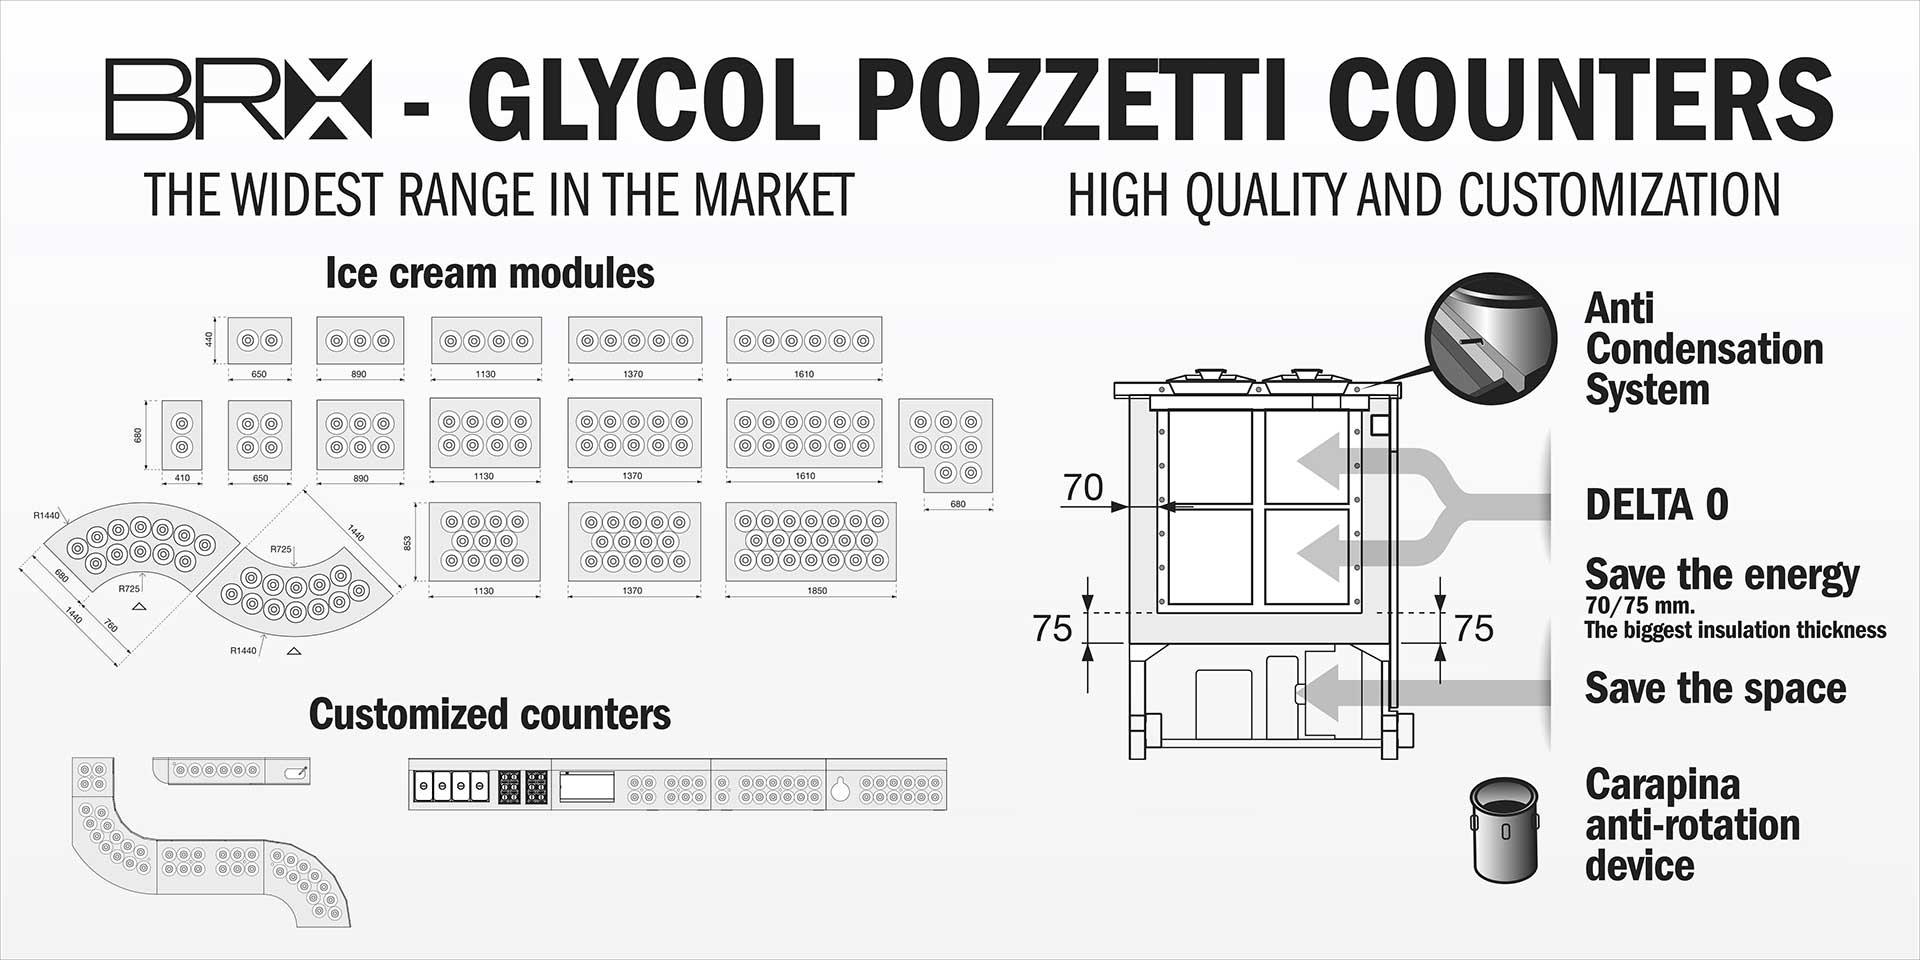 Glycole Pozzetti Counters